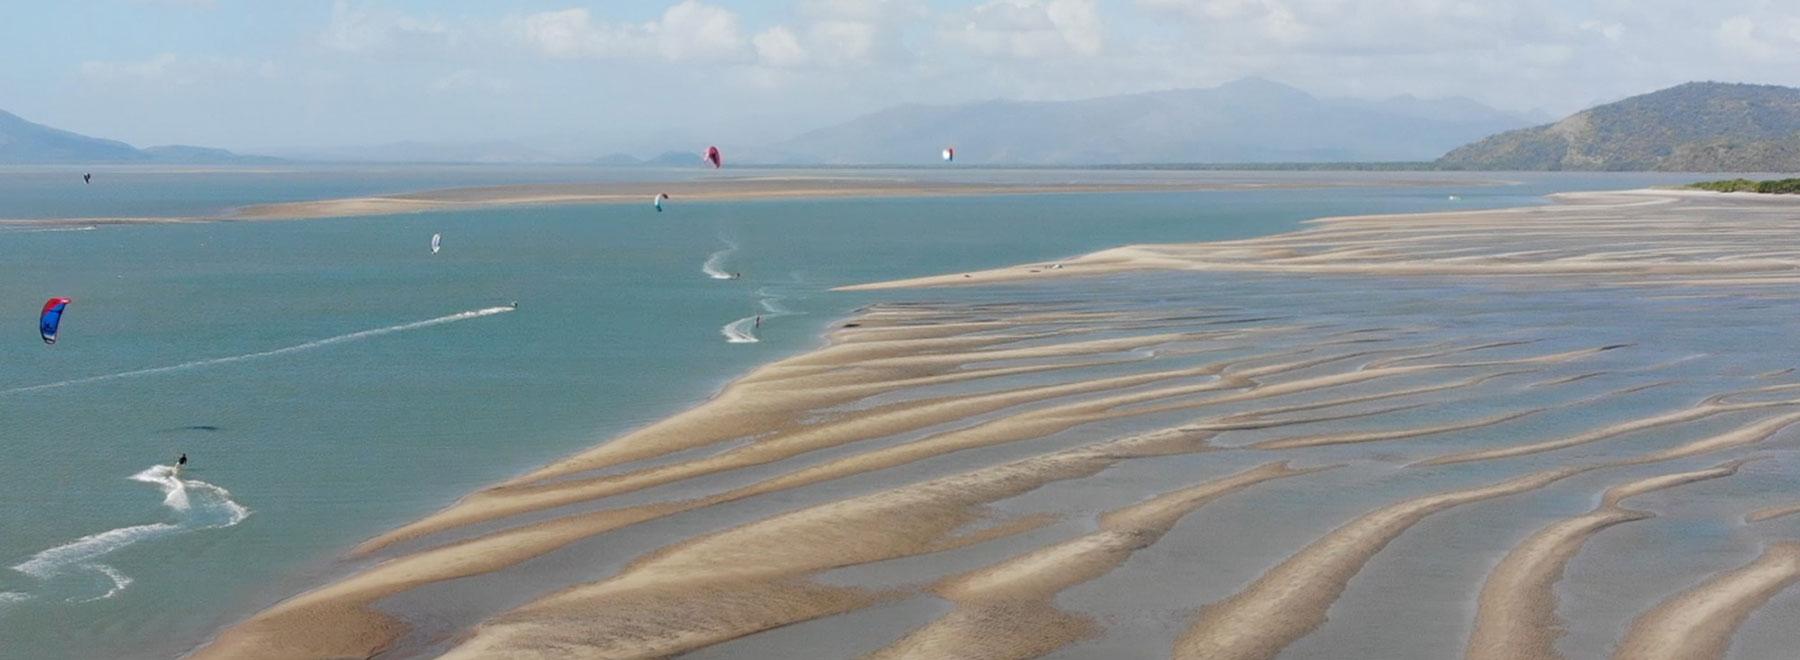 Kitesurfen-in-Panama,-Punta-Chame